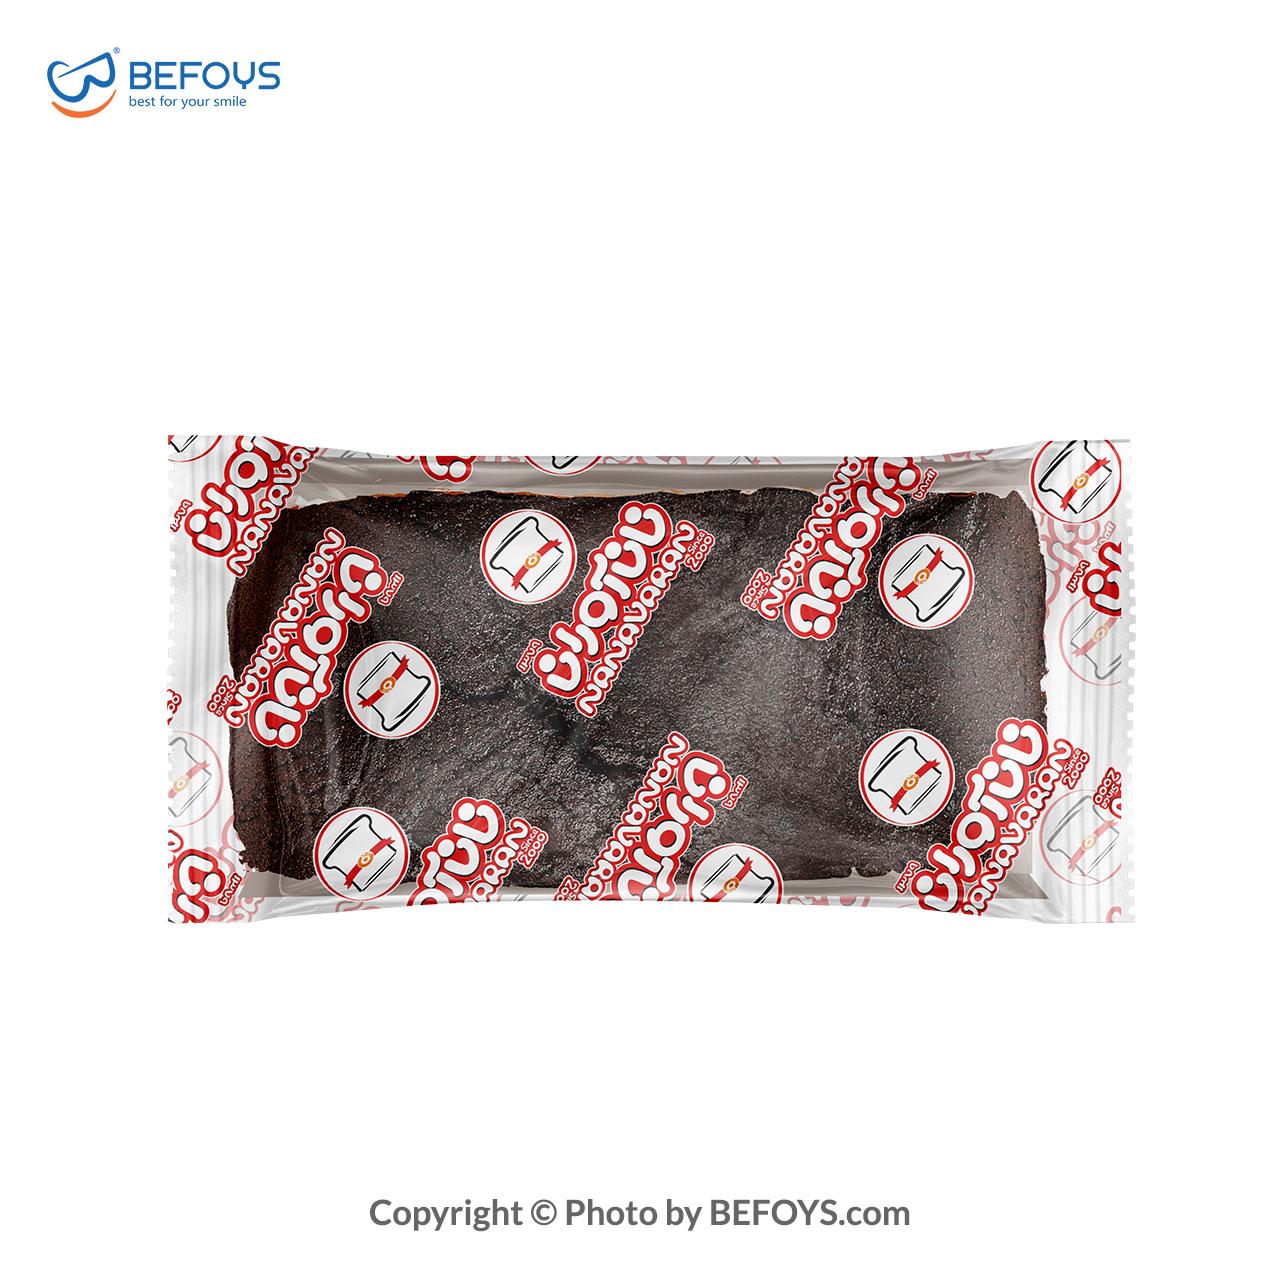 آرتین کیک شکلات کارتنی  نان آوران 18 بسته ای 185 گرمی